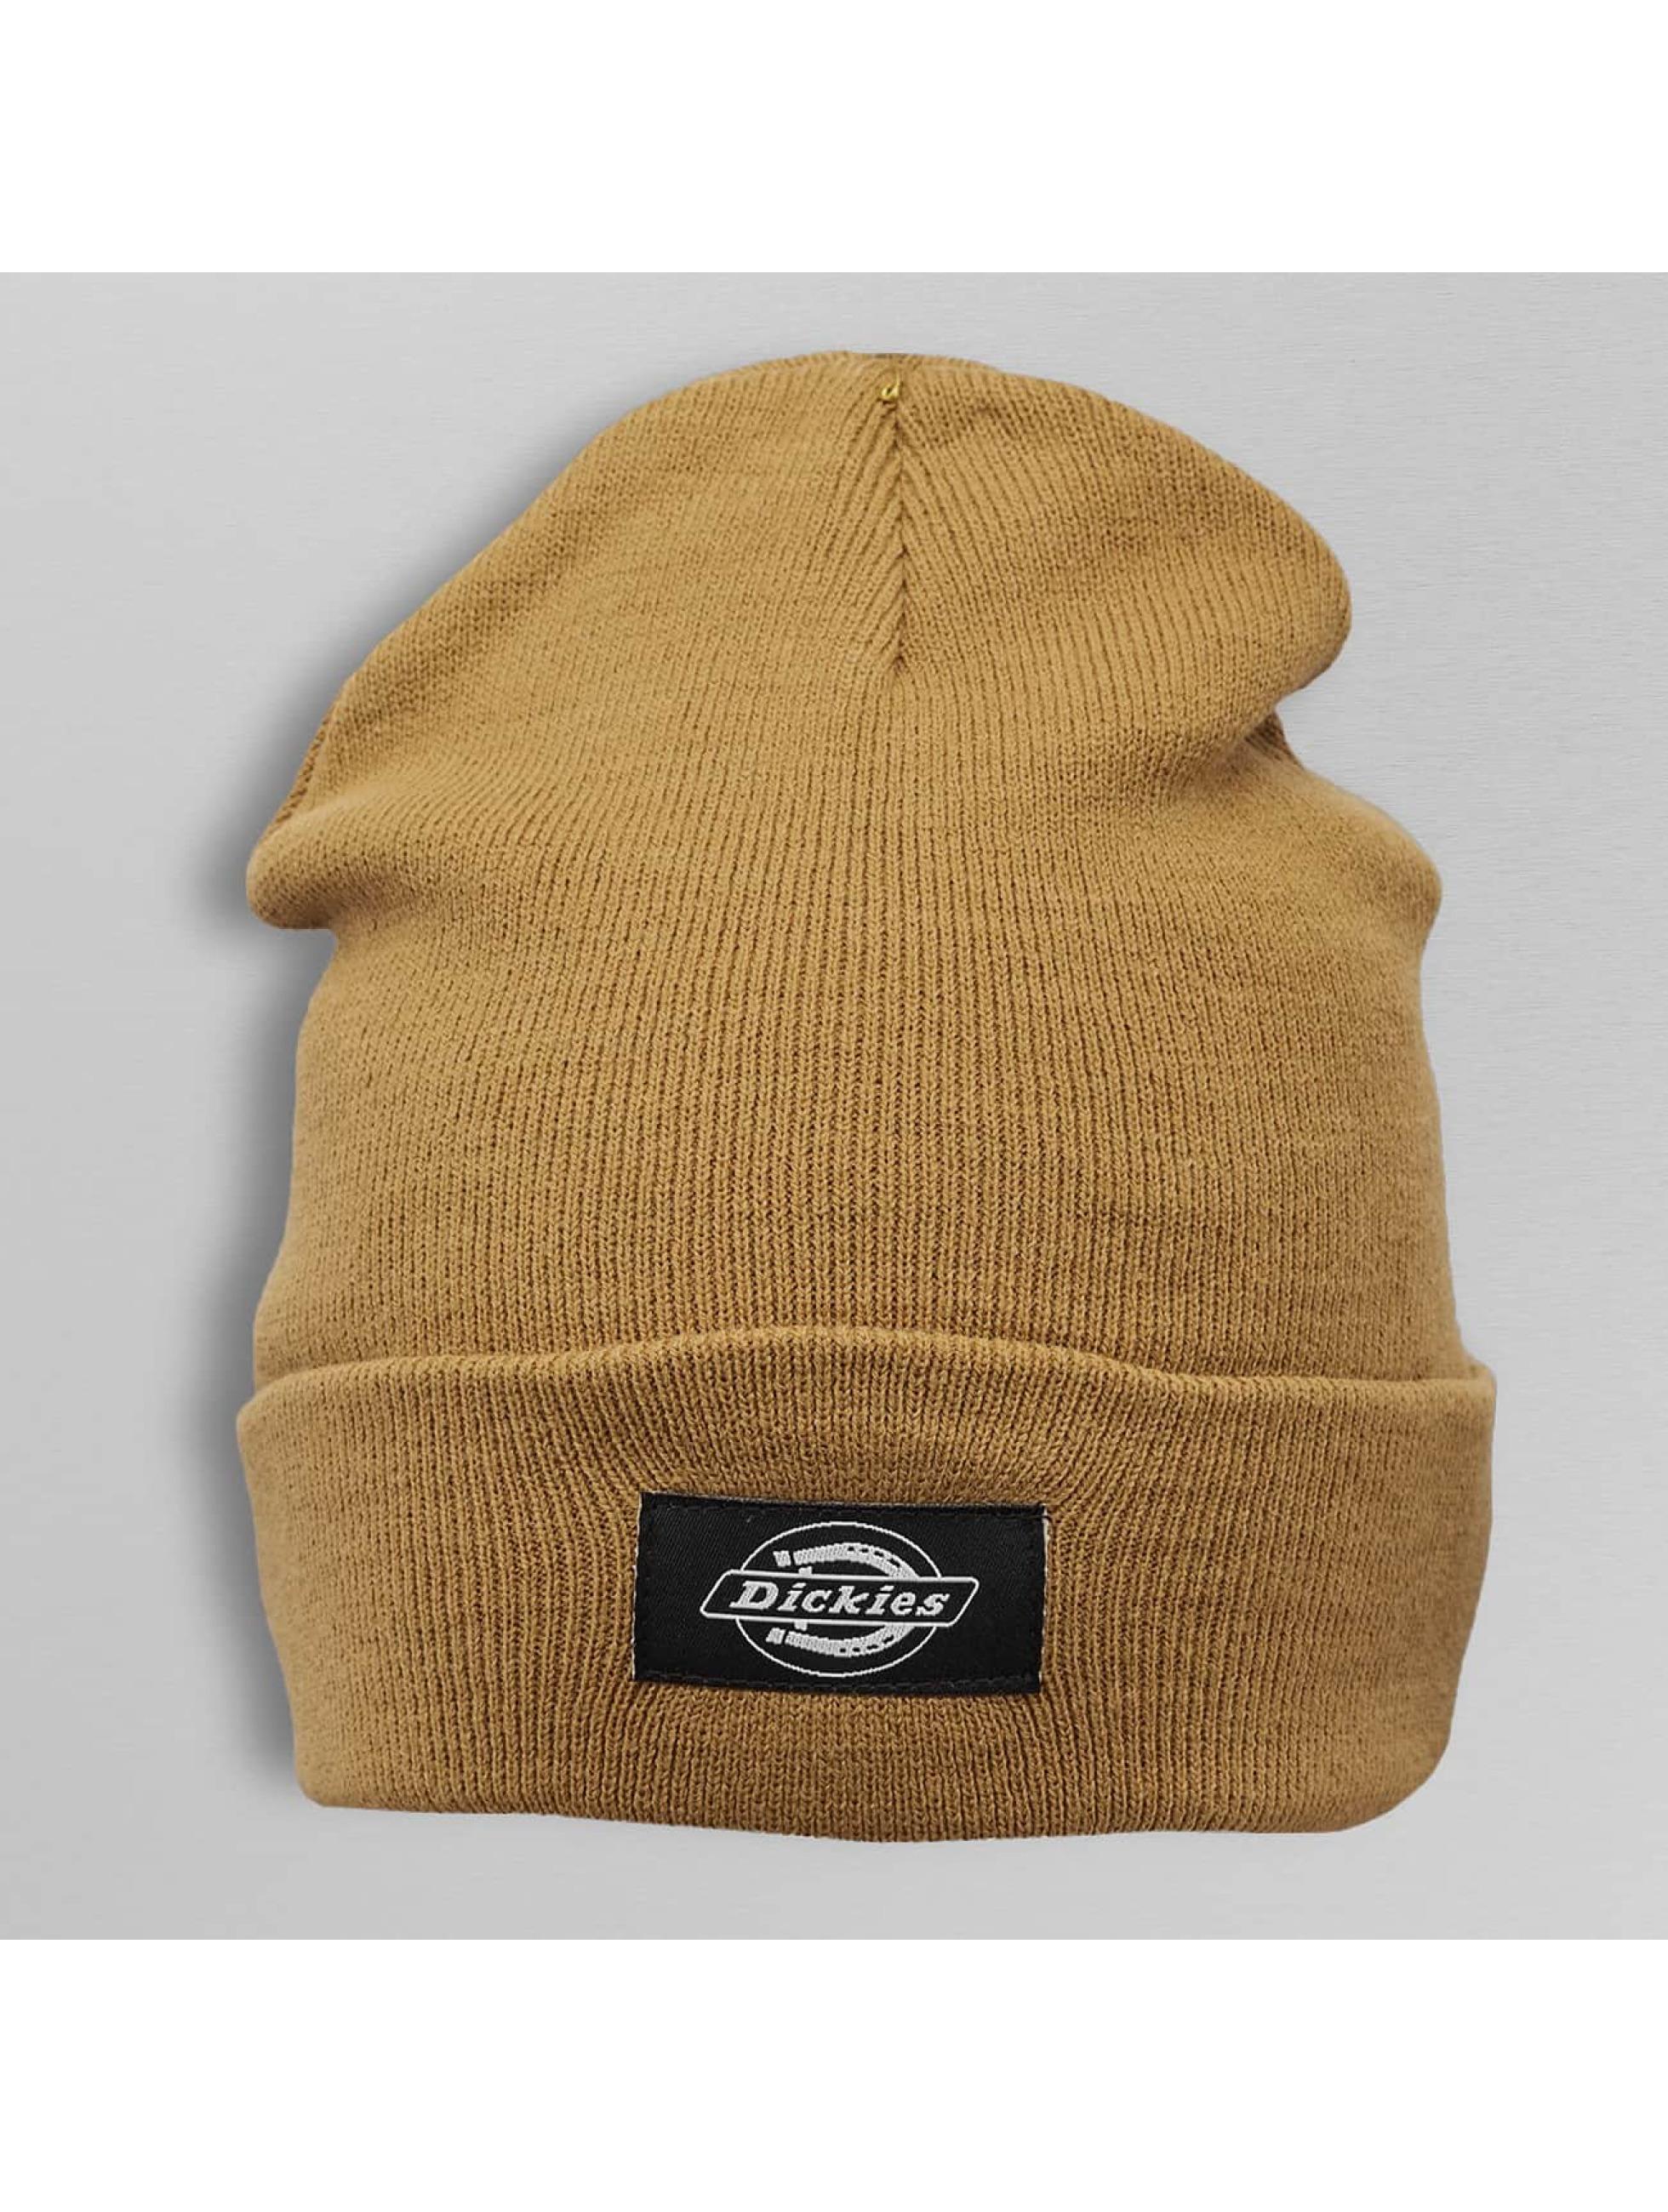 Dickies шляпа Yonkers коричневый